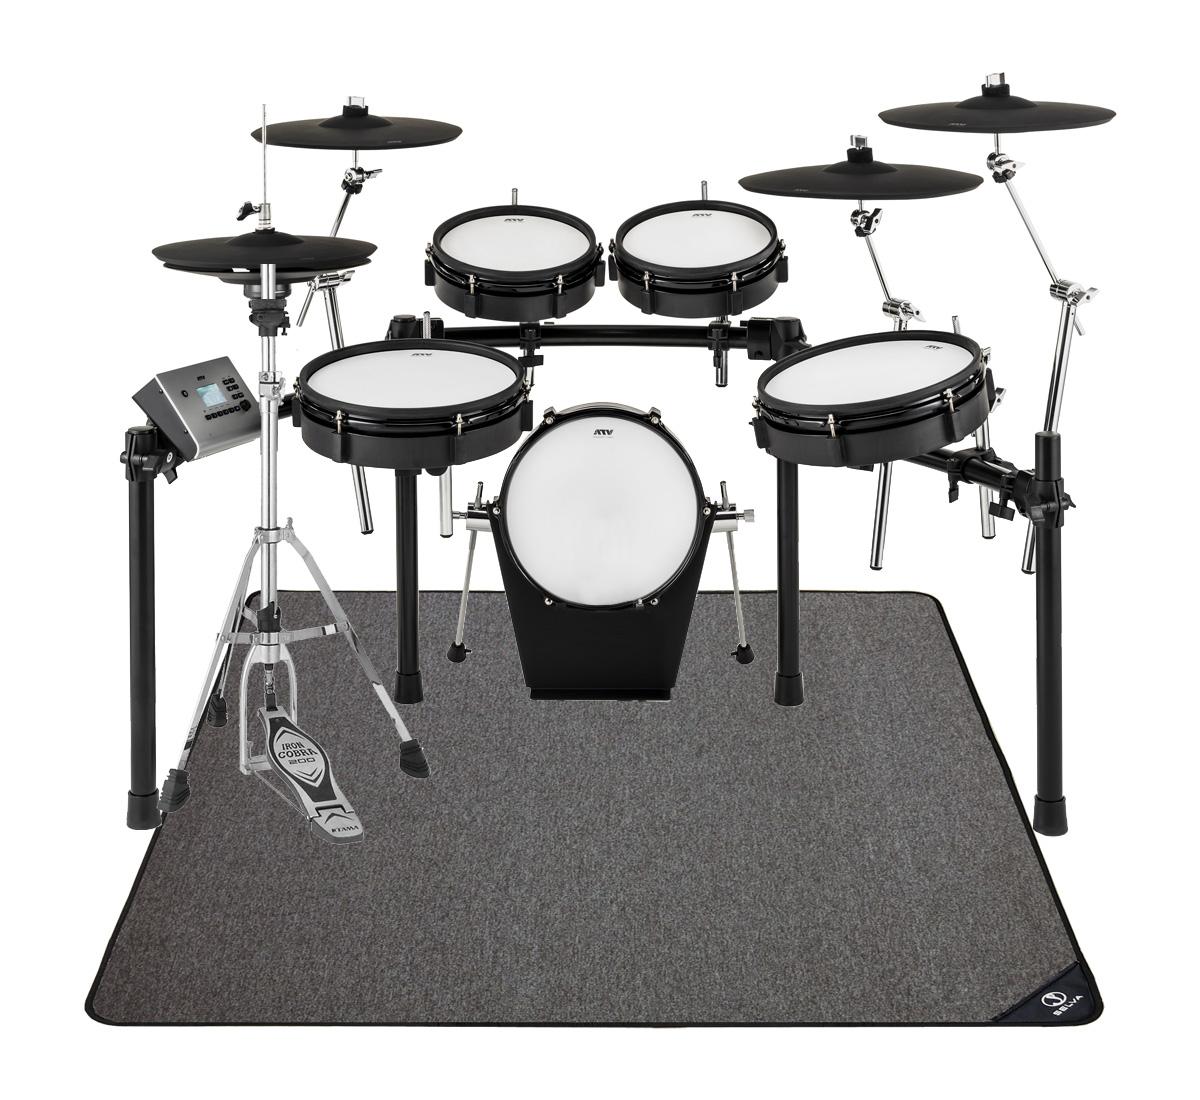 【在庫あります】ATV / EXS-5 電子ドラム ハイハットスタンドとオリジナルマットセット / キックペダル別売【ブラックフライデーセール品】